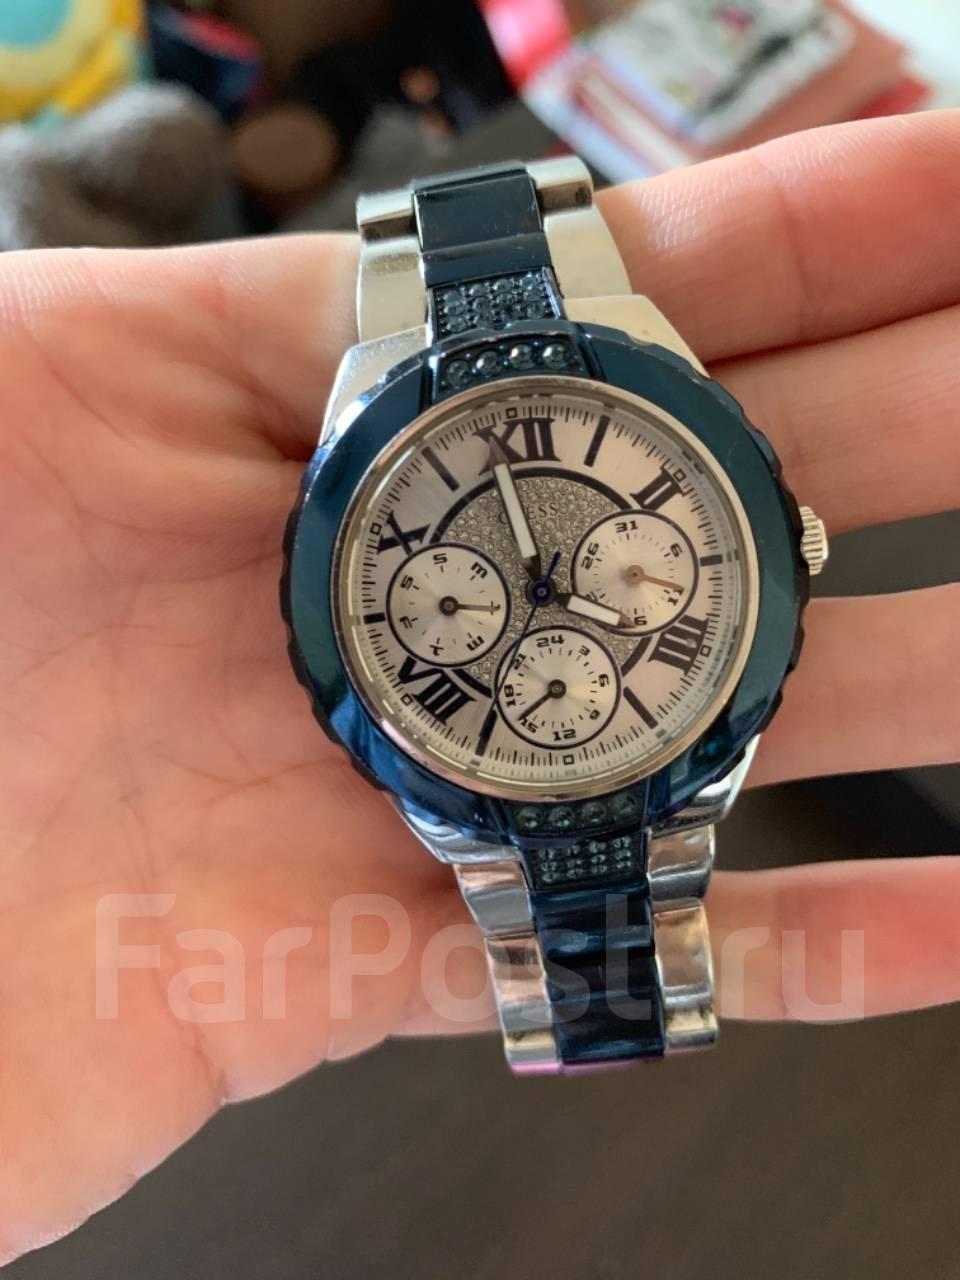 Отличить настоящие часыEmporio Armani от подделки поможет ваша внимательность